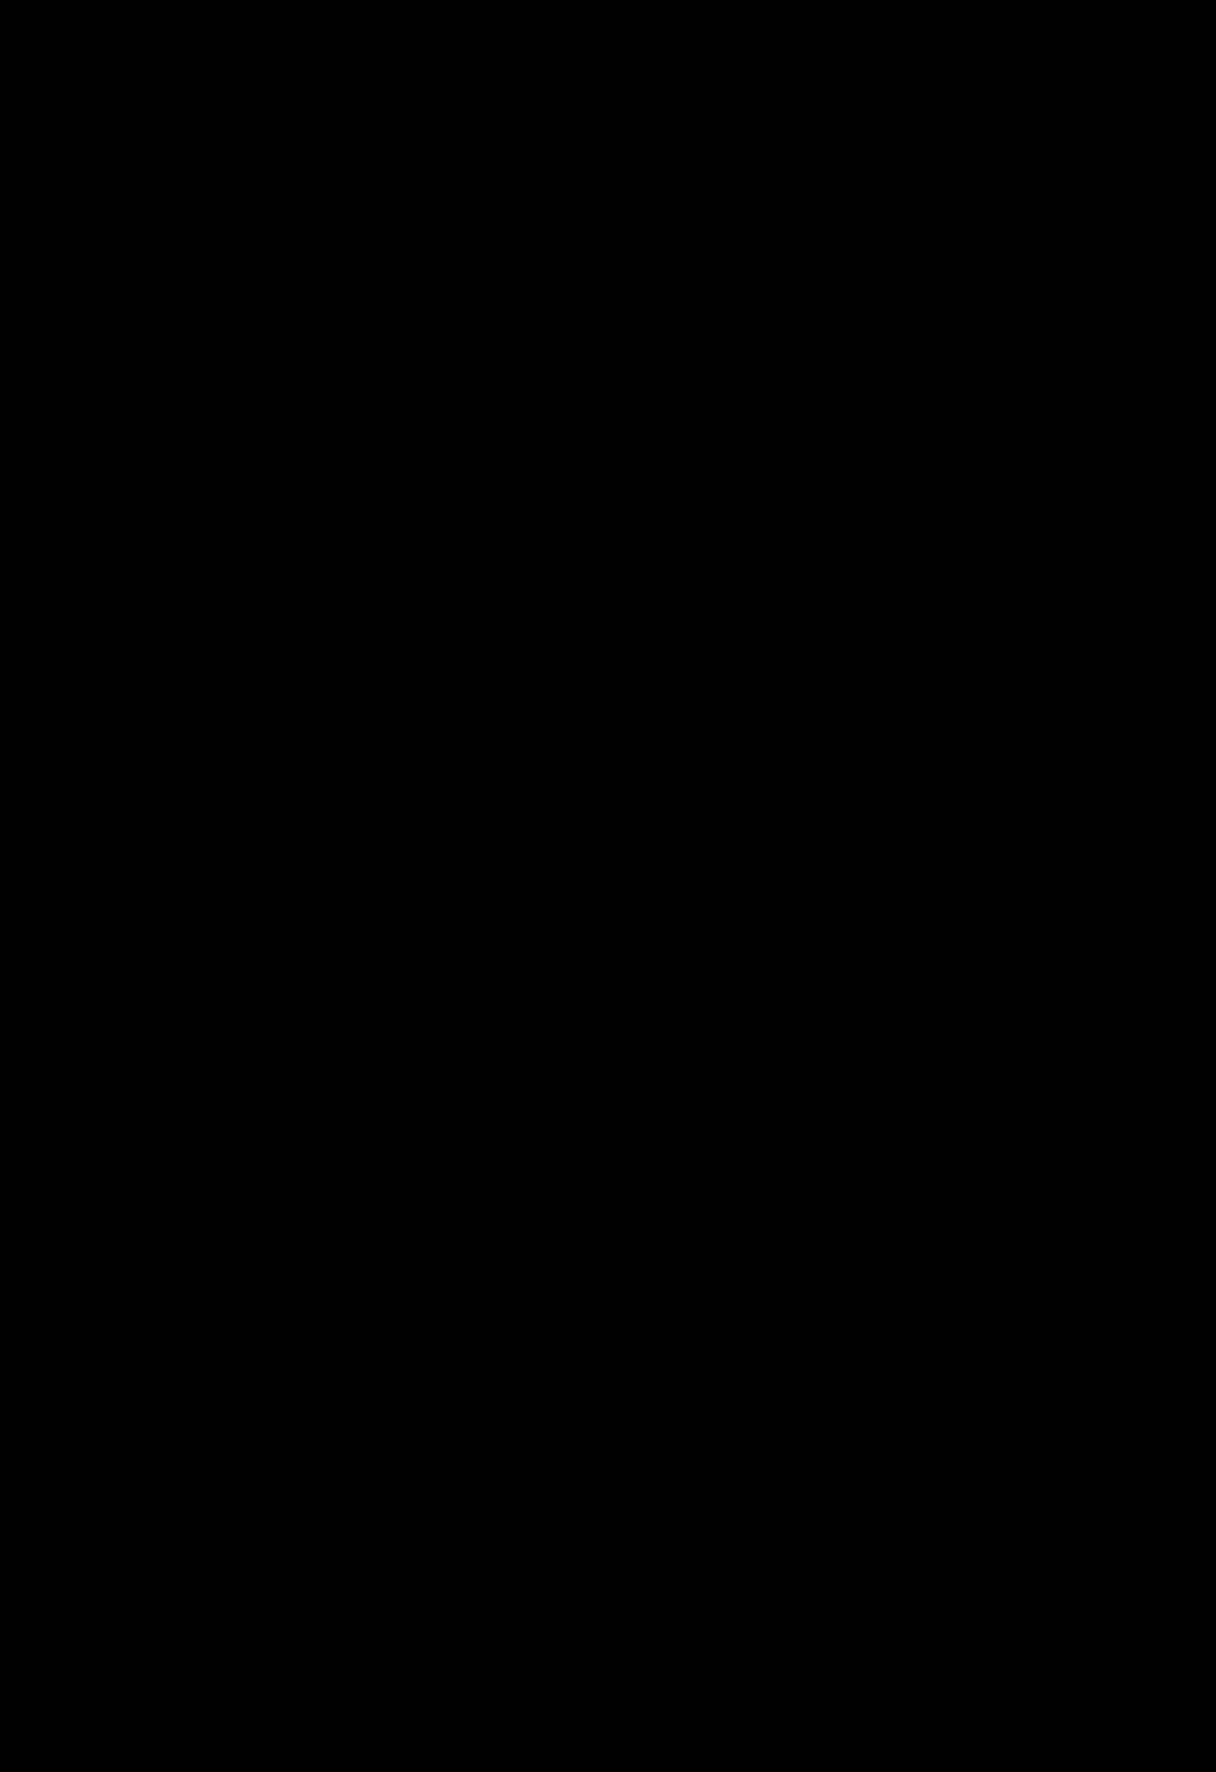 Sabaton S Logo